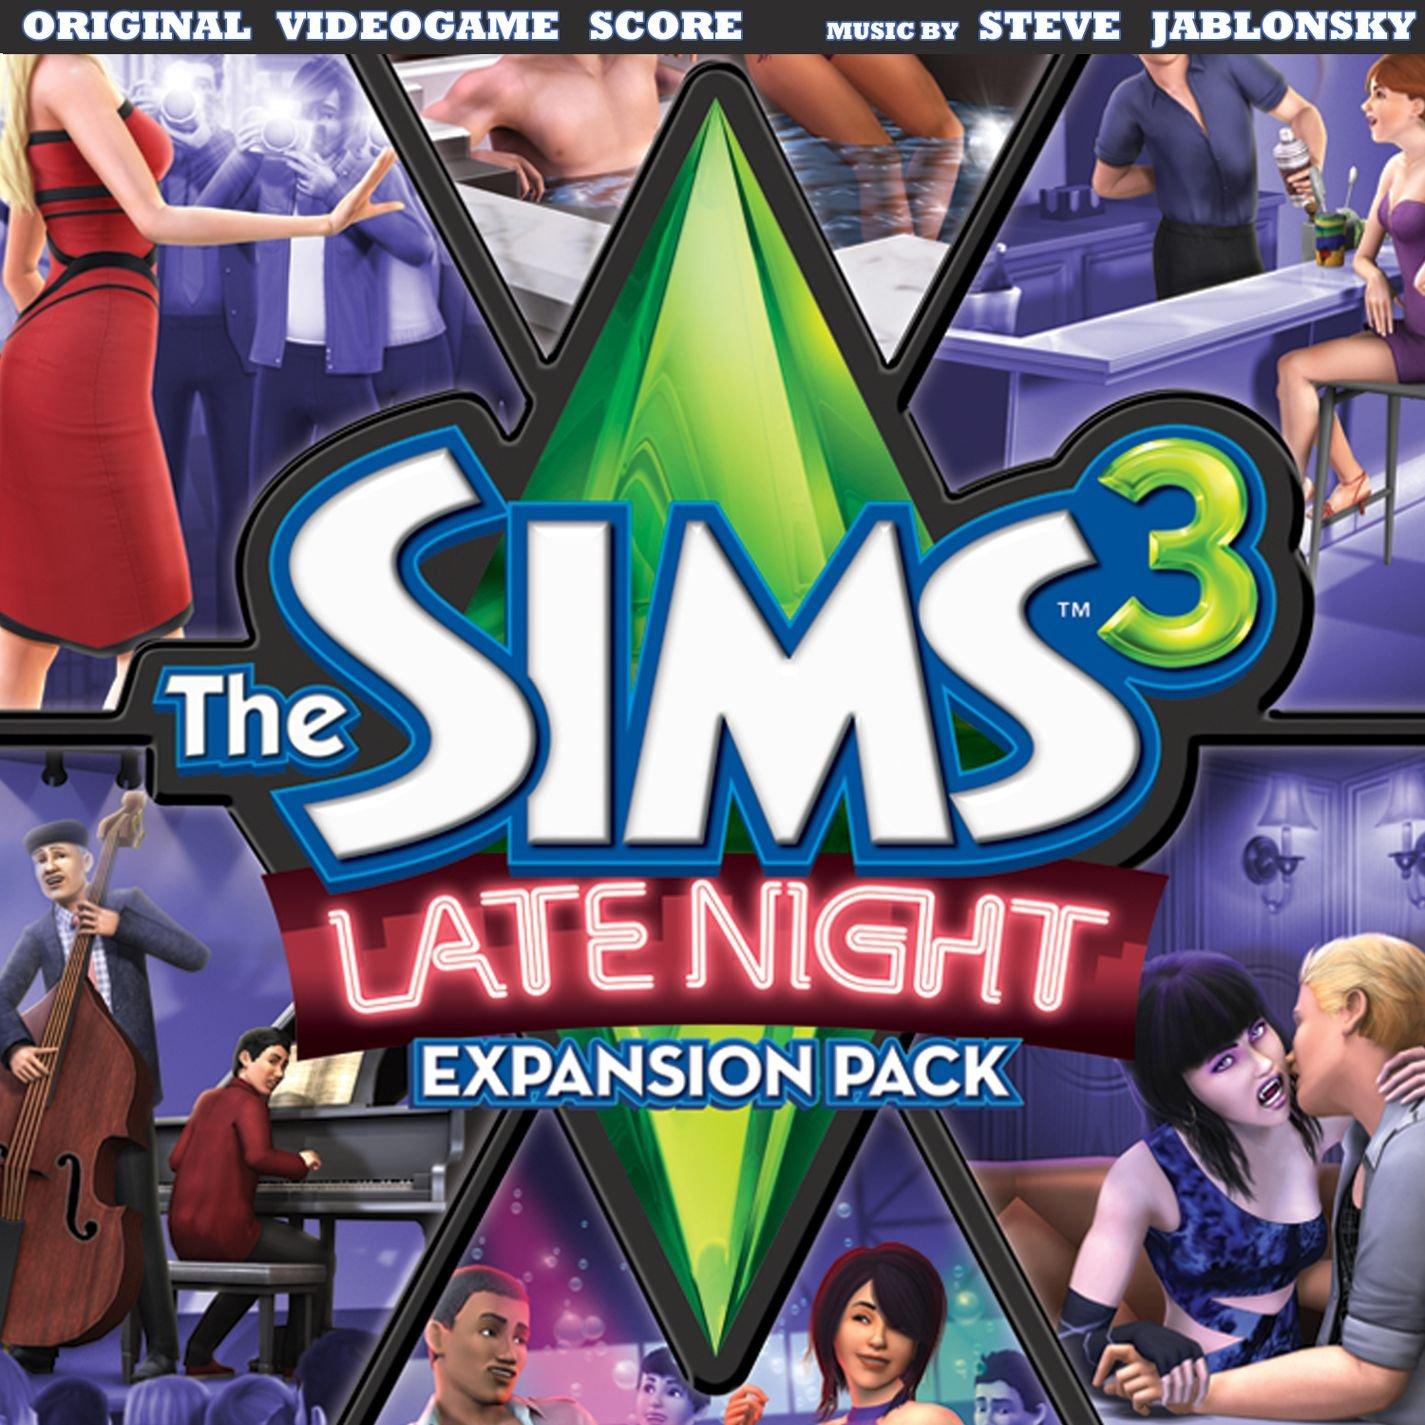 Скачать-мп3. Саундтрек к Sims 3 Late Night.